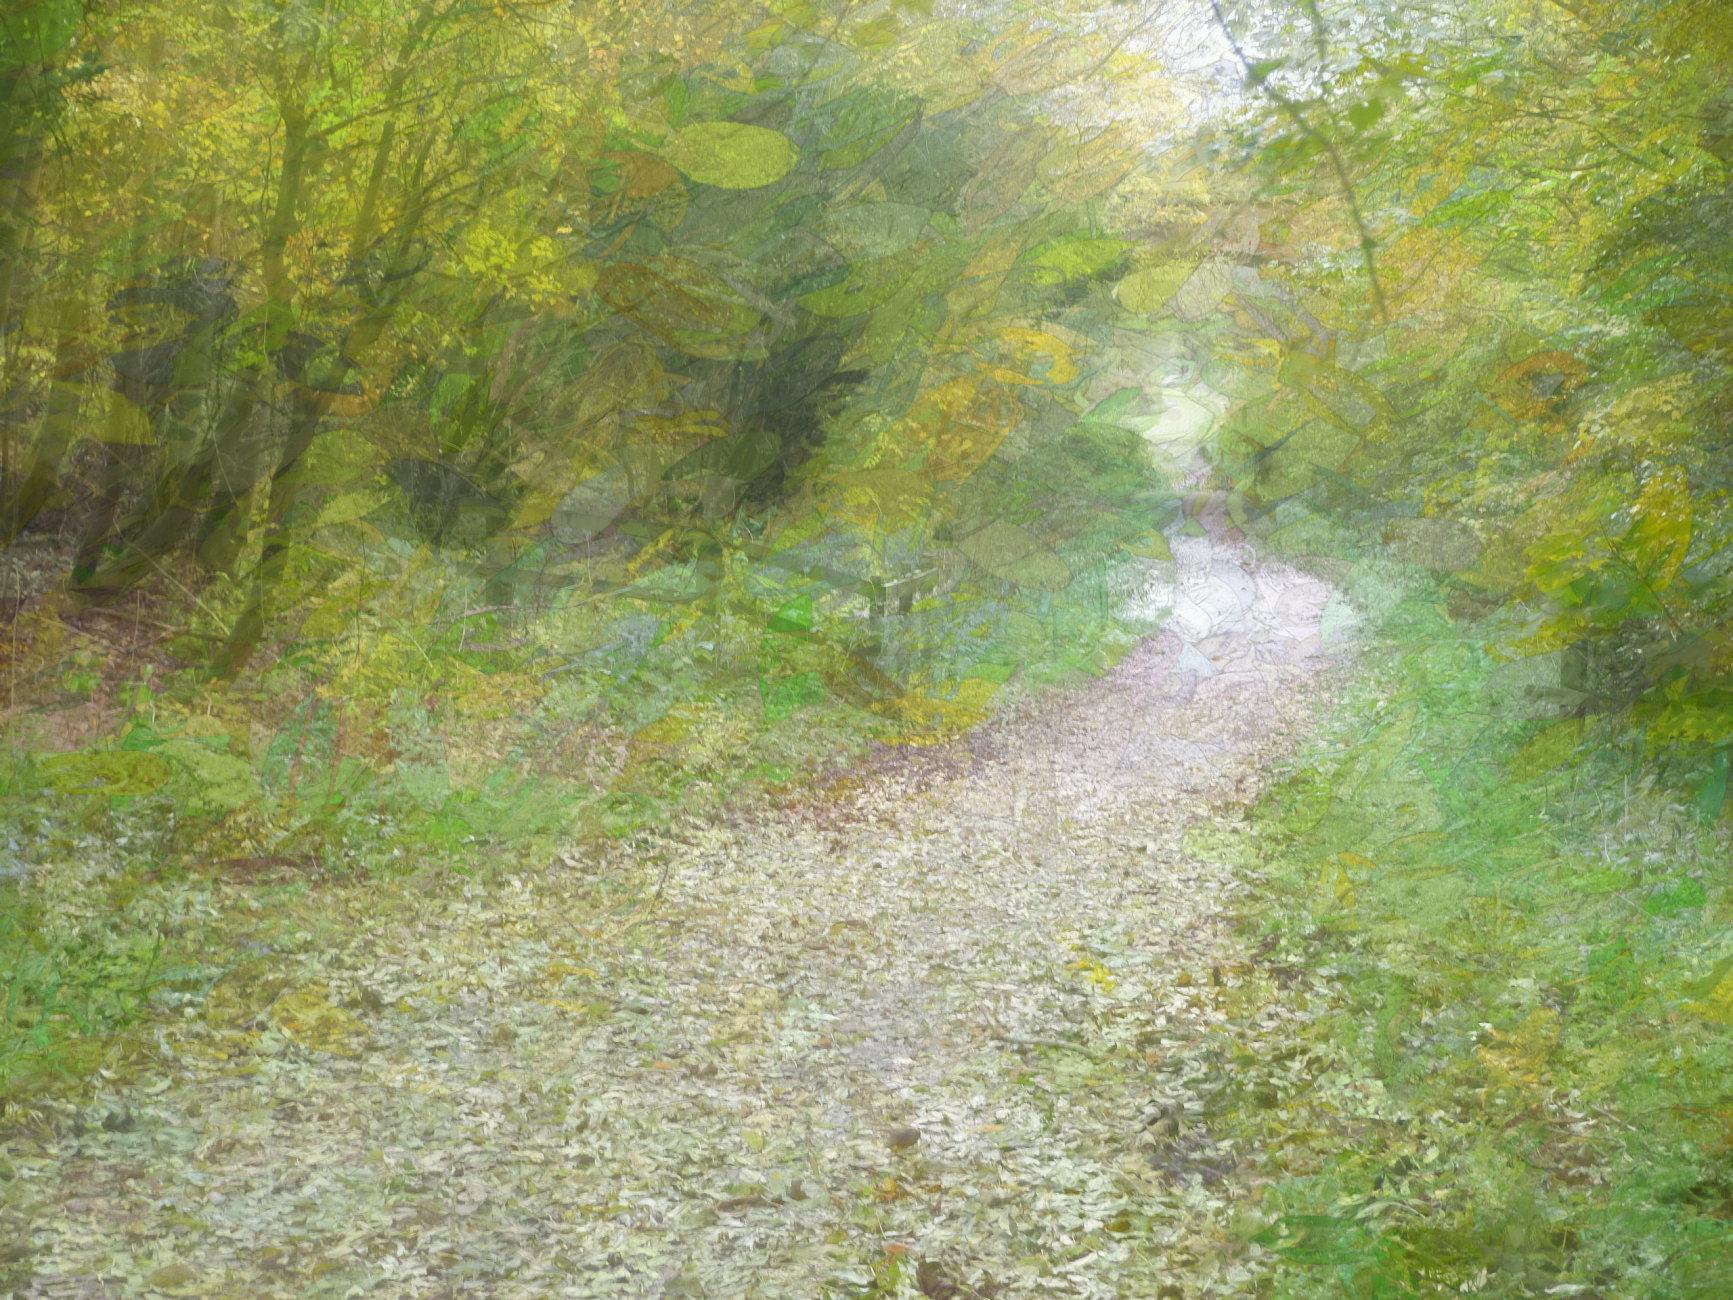 The Rail Trail